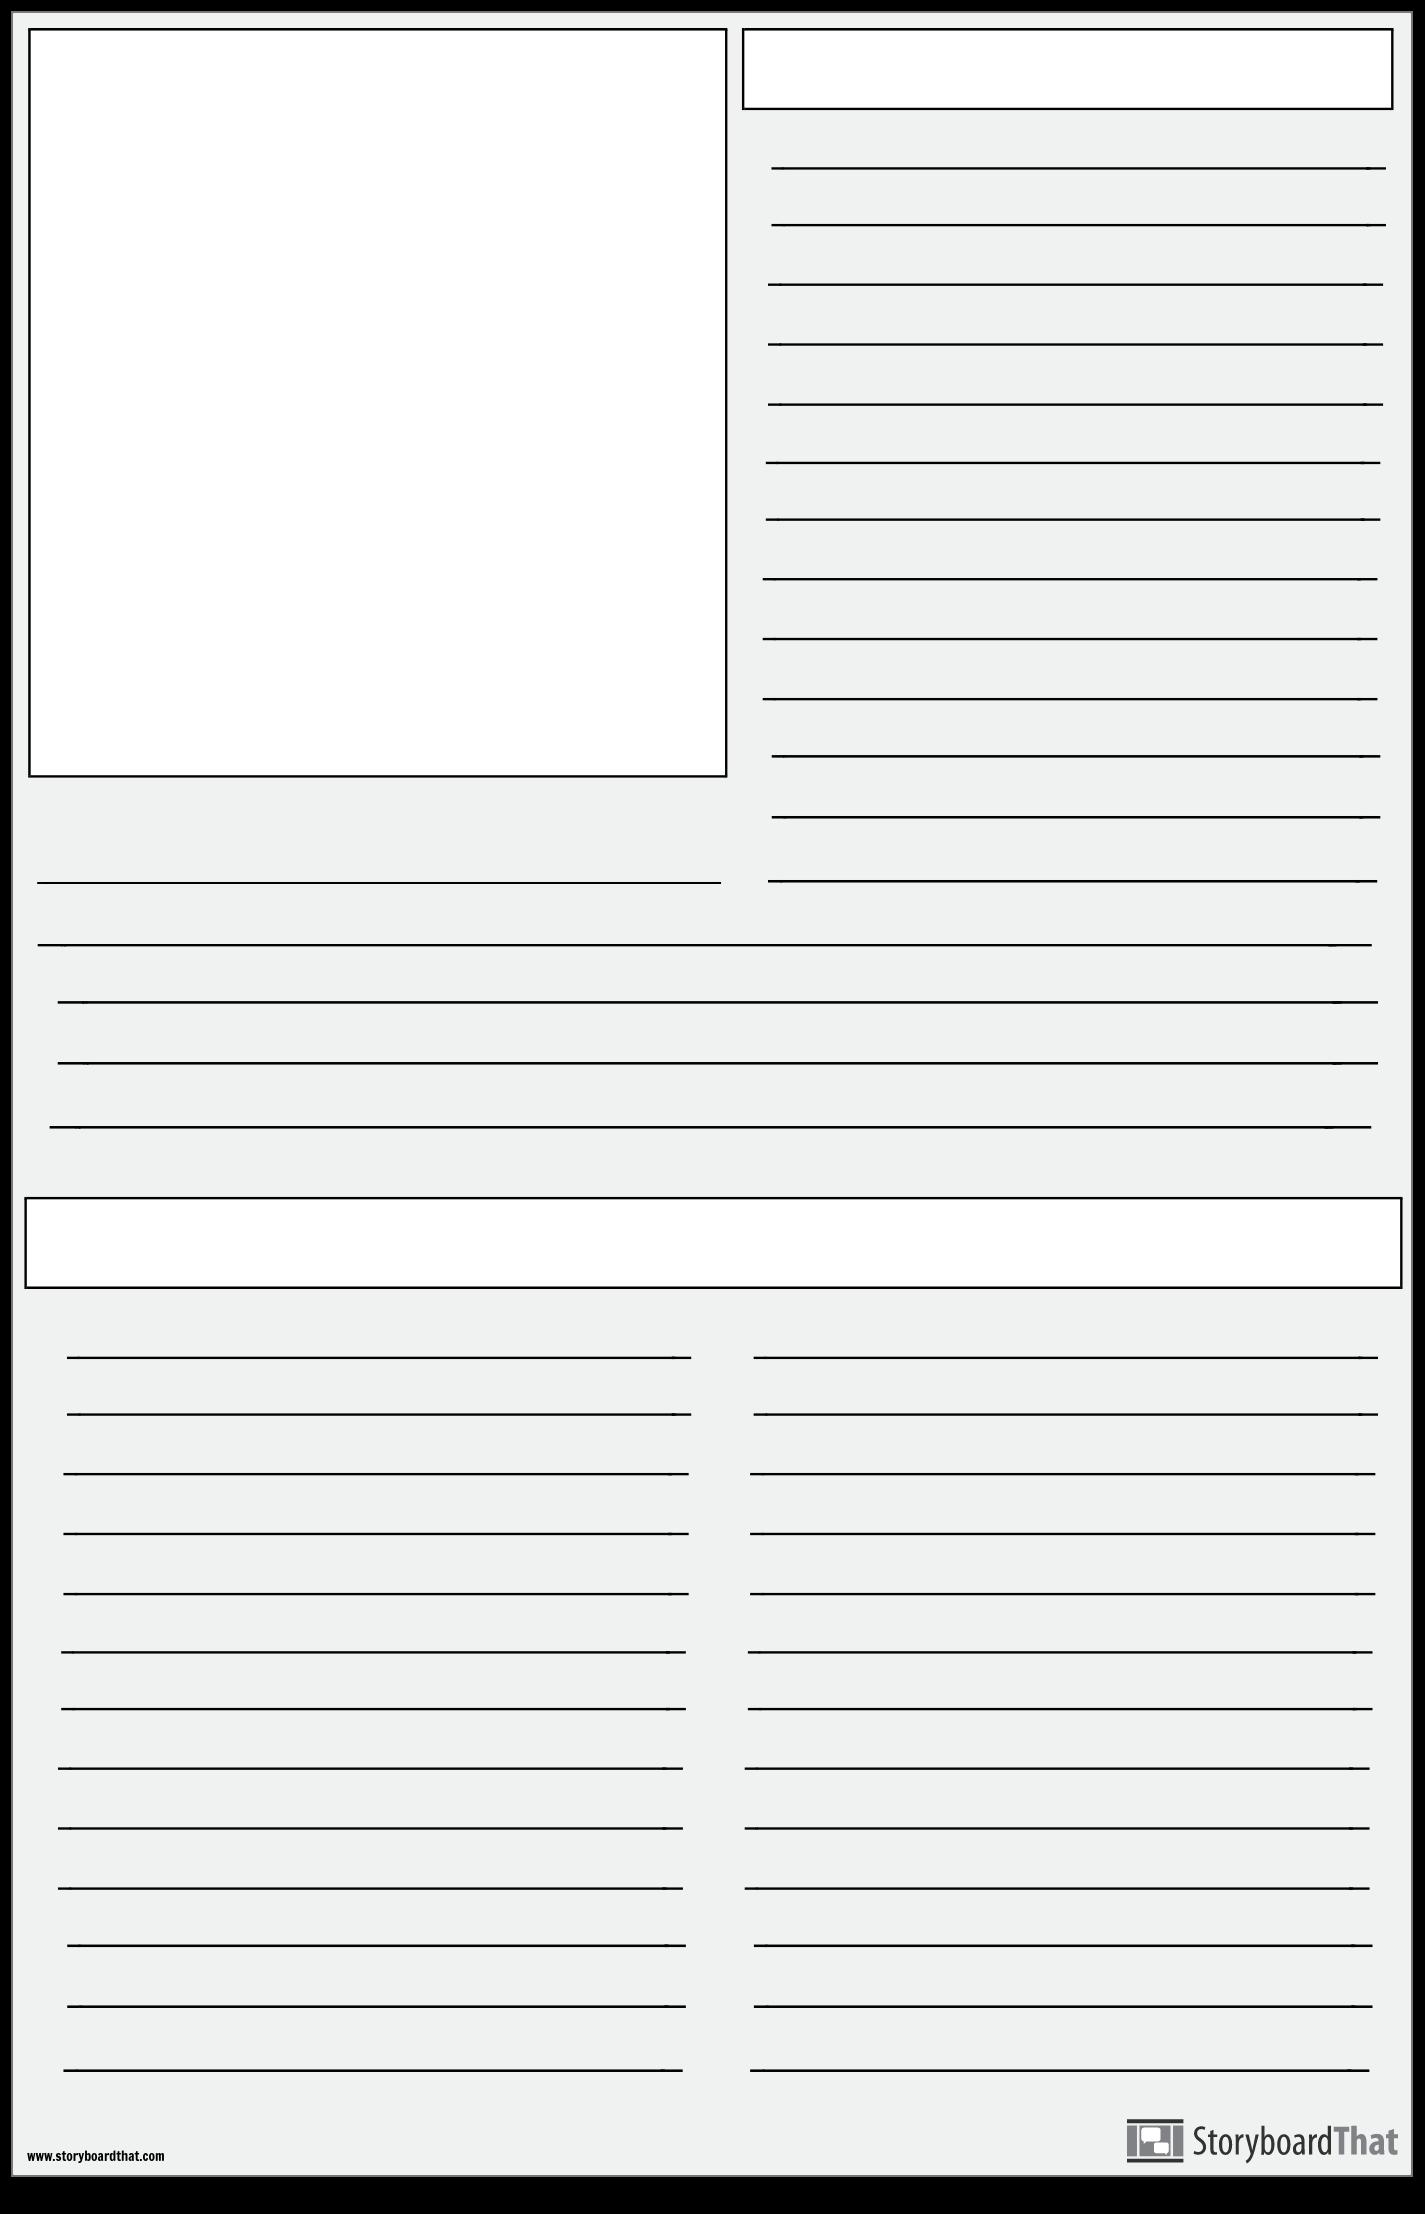 Faire un Projet de Journal | Modèle D'affiche de Journal